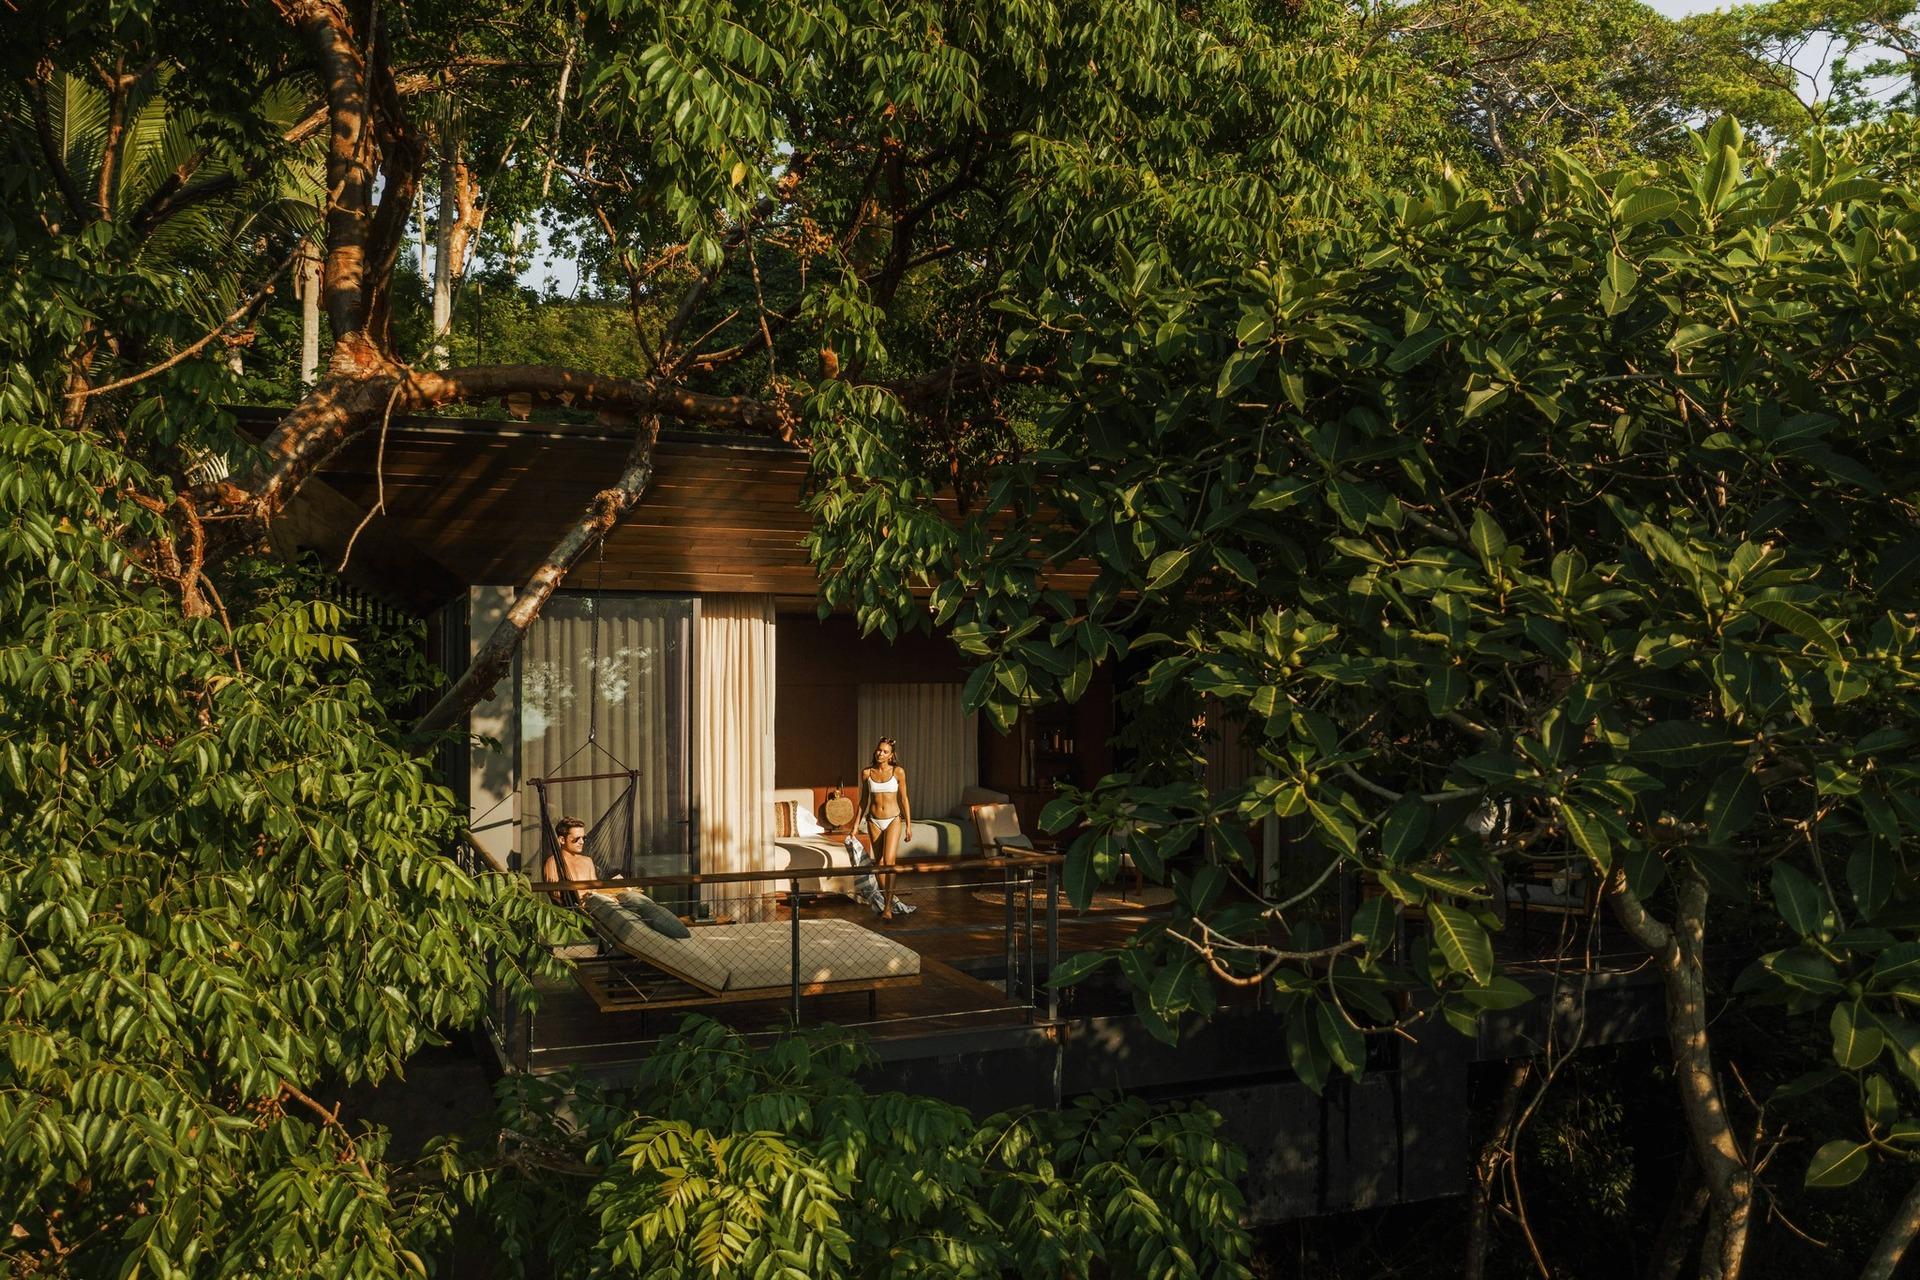 Перші у світі приватні будинки ONE&ONLY.  Кожен має індивідуальний дизайн та побудований з урахуванням свого унікального розташування.